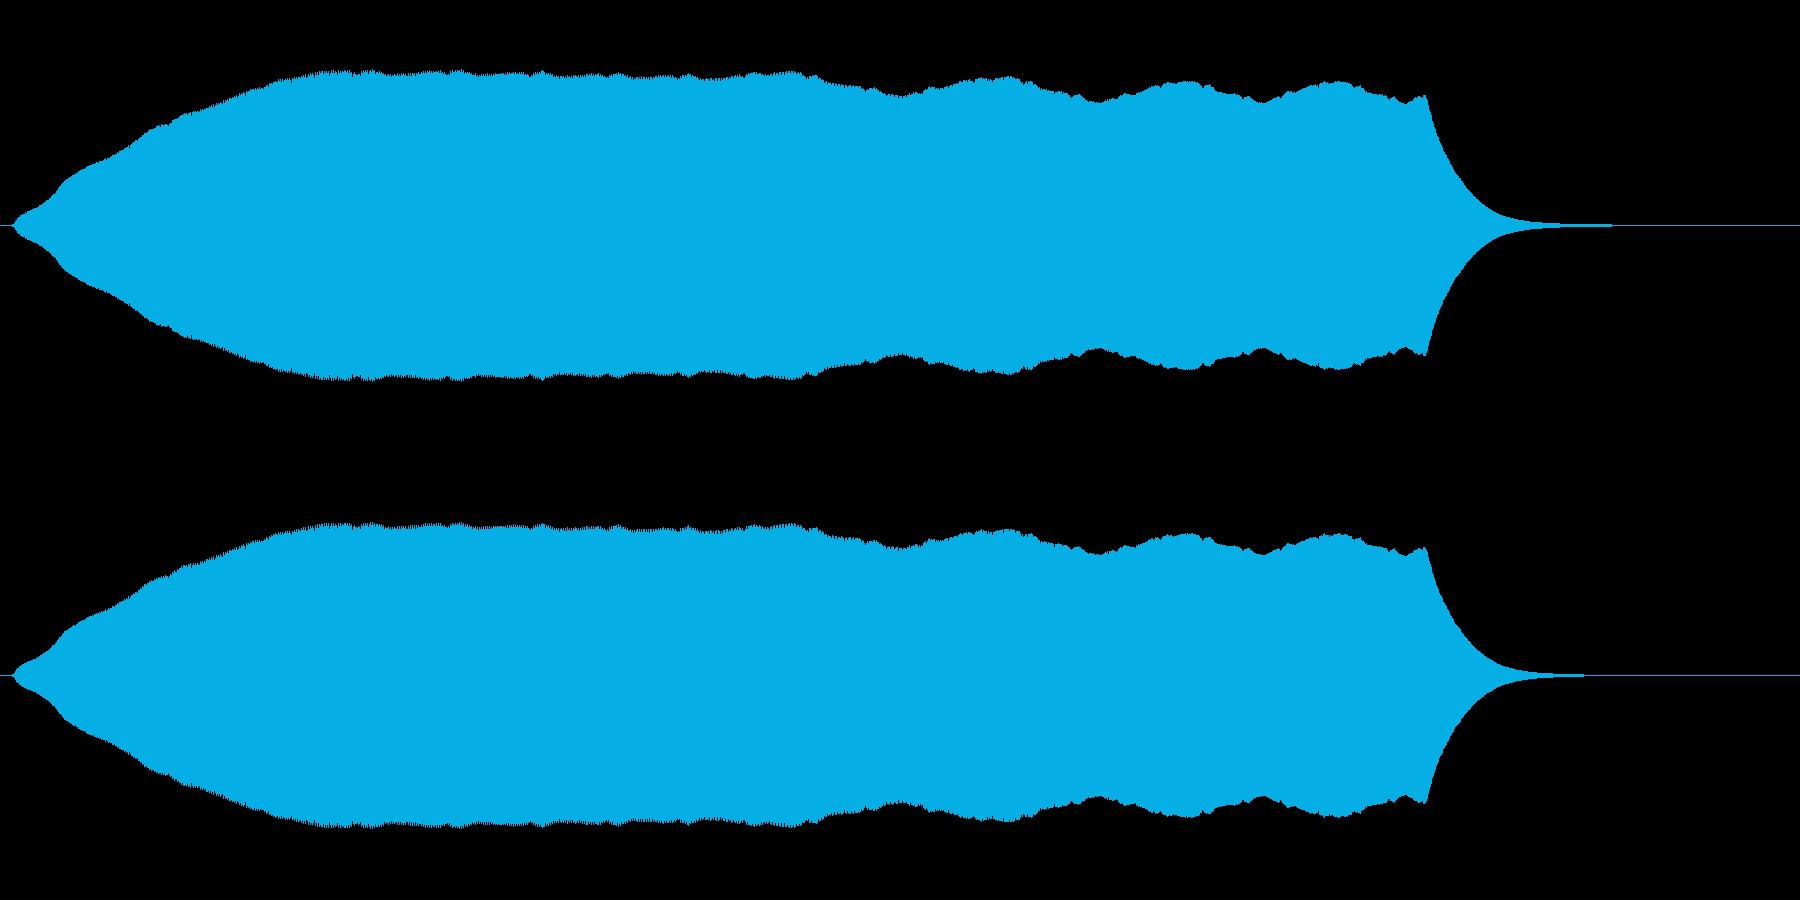 プ〜↑ン(無段階上昇音)の再生済みの波形